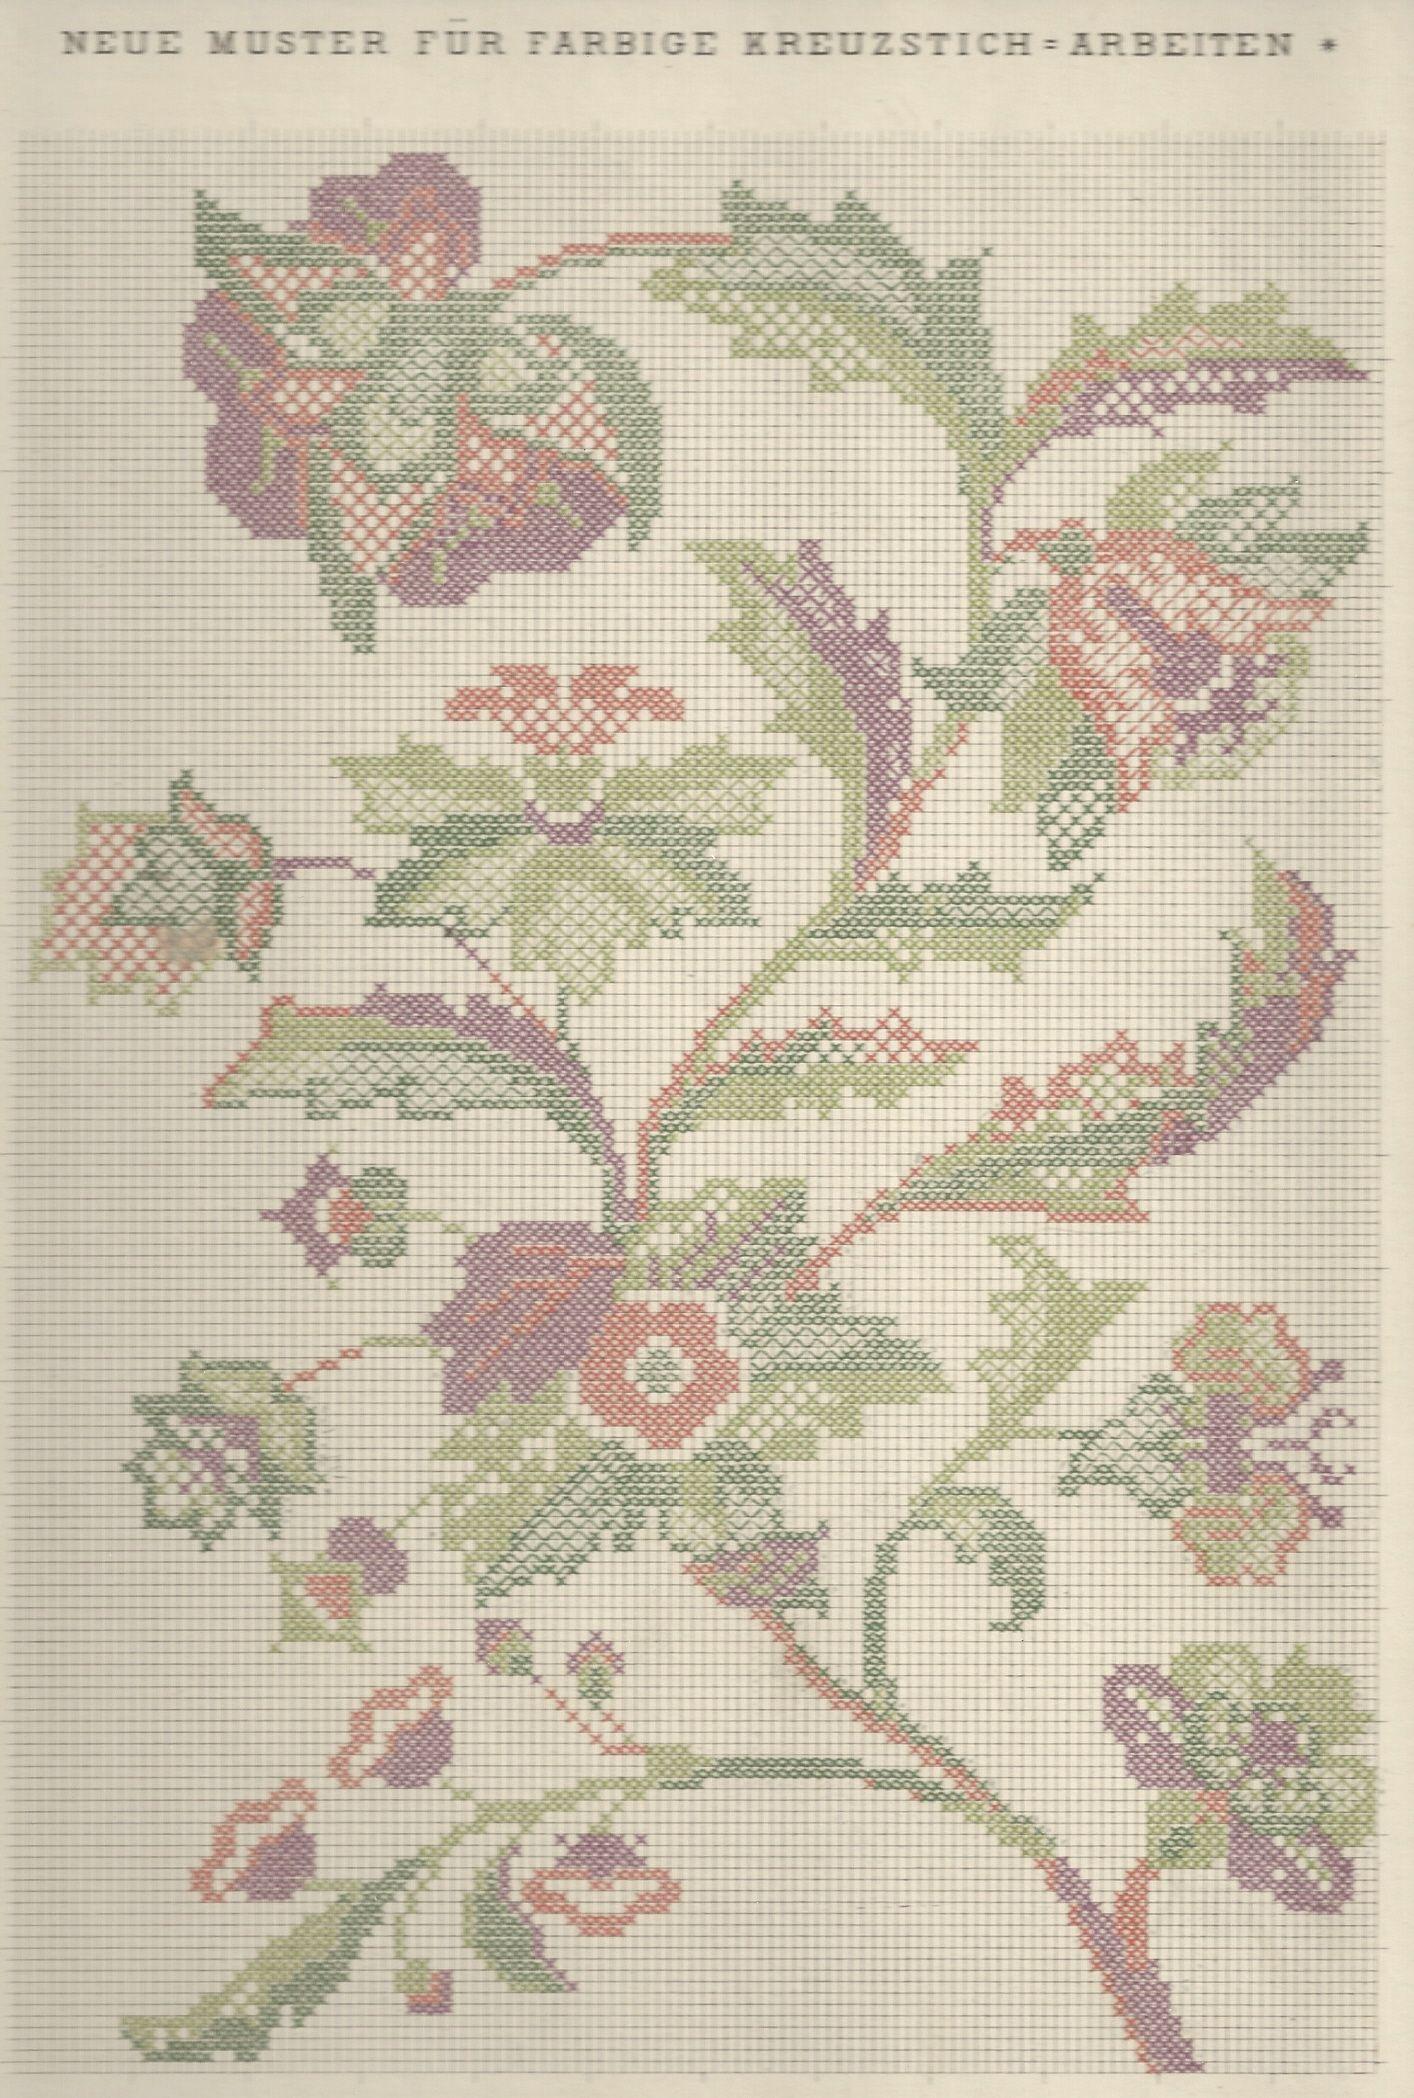 1 / Blatt 9 - Neue Muster-Vorlagen Fur Farbige Kreuzstich-Arbeiten - A. Scheffers - Published by J. M. Gebhardt's Verlag, Leopold Gebhardt, 1887